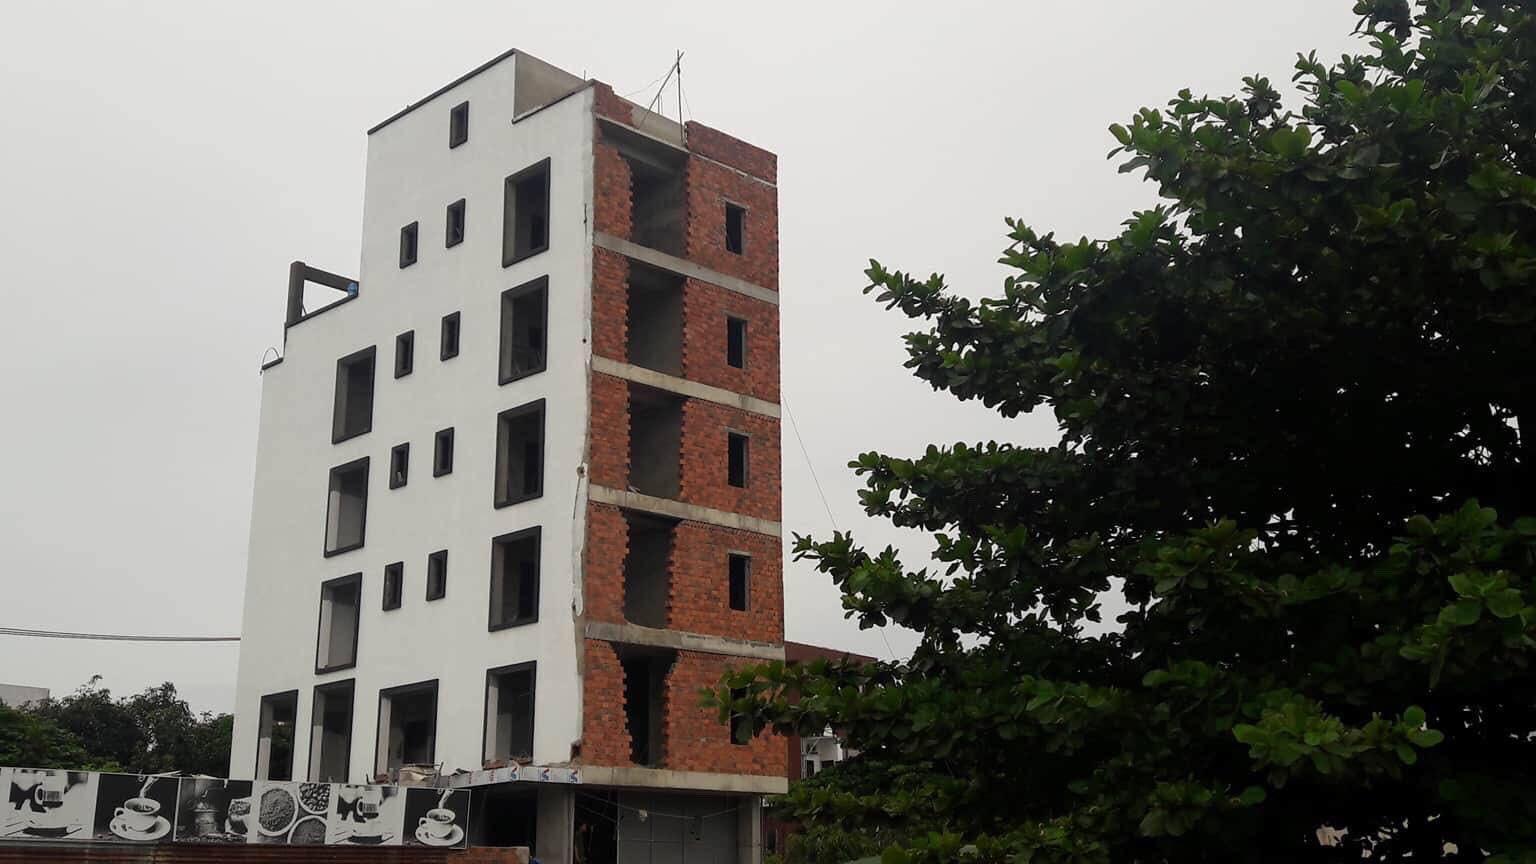 Cùng cha ra Đà Nẵng phụ hồ, thanh niên 19 tuổi tử vong vì bị điện giật rơi từ tầng 7 xuống đất - Ảnh 1.